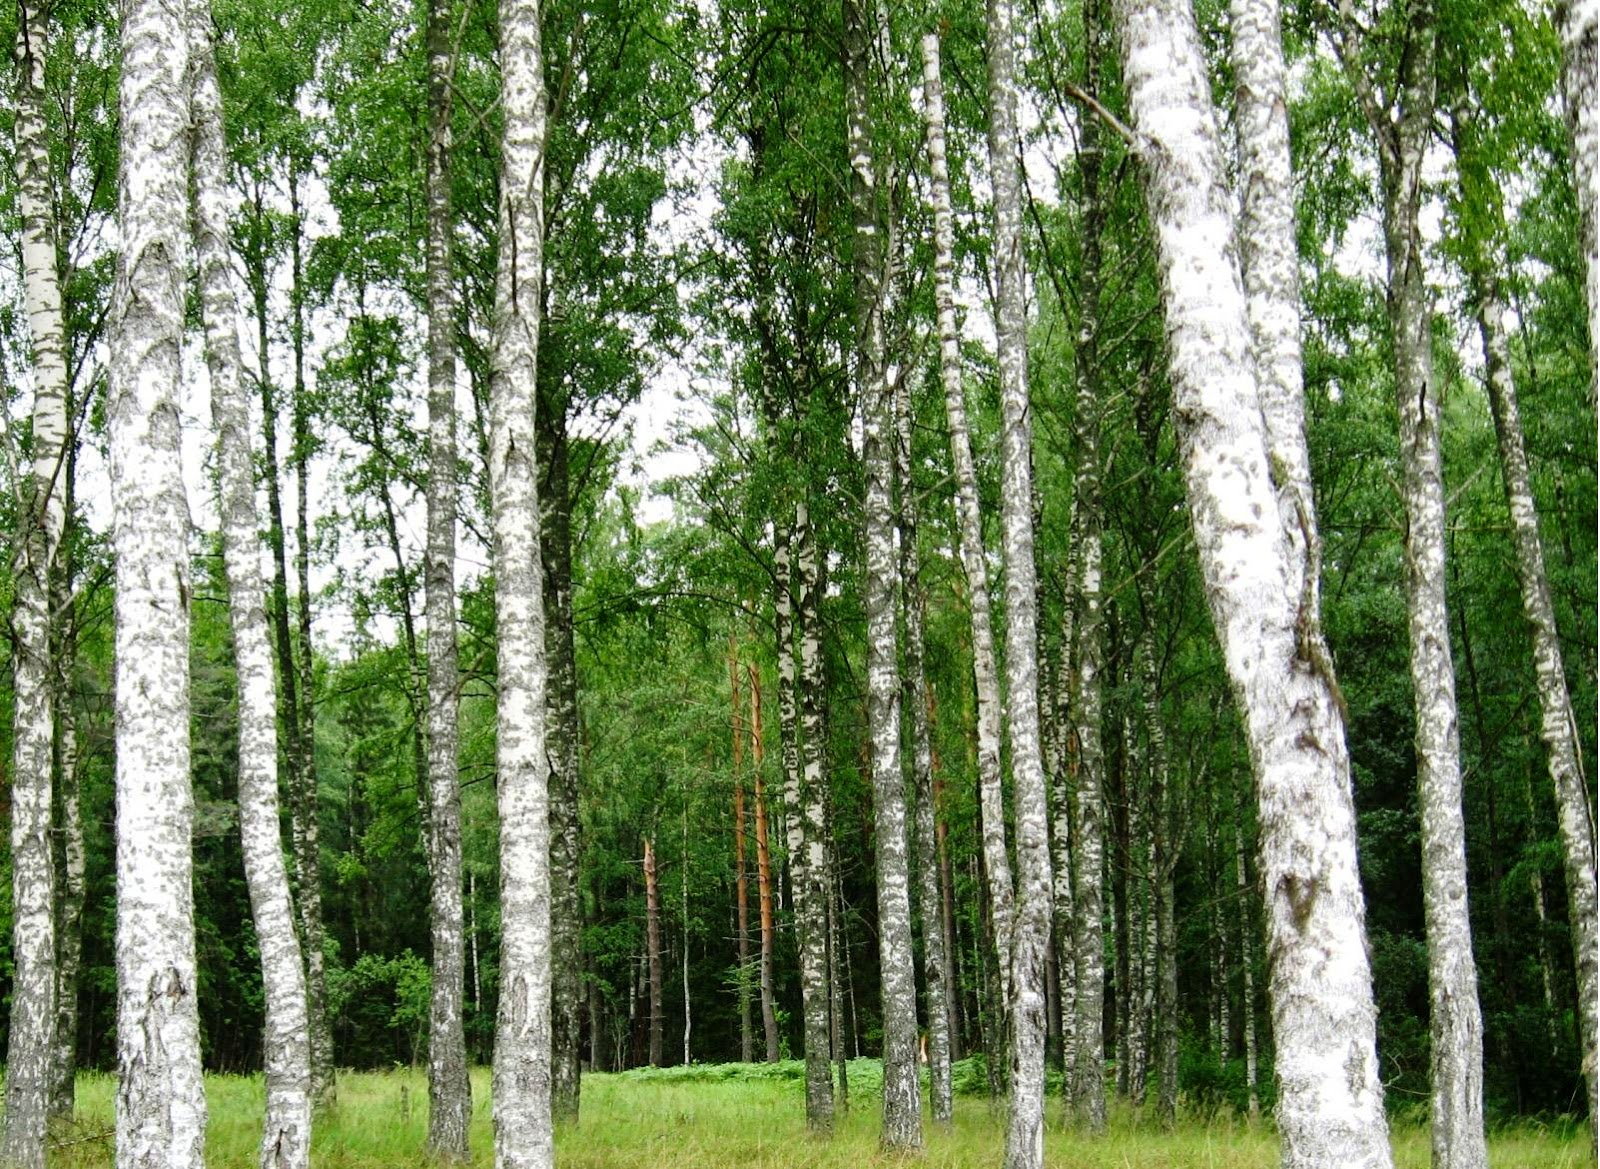 Birch Tree Wallpapers Hd Background Hd Desktop